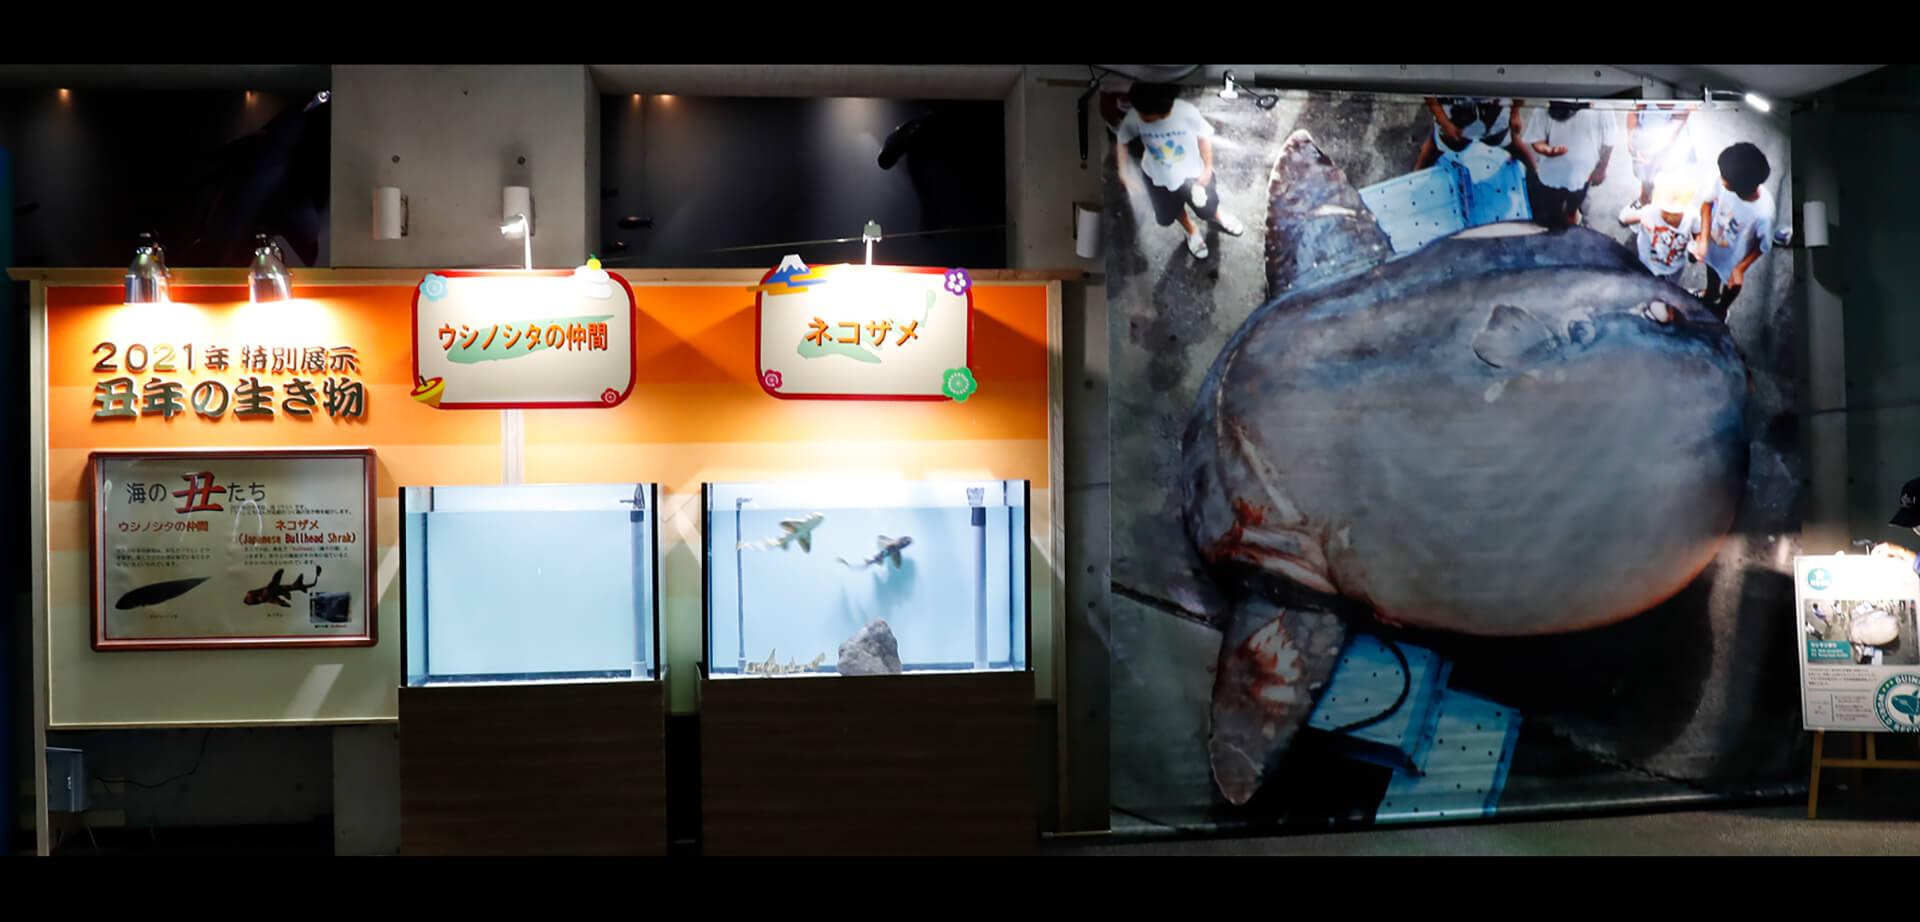 2021年干支の生き物 ~海の丑(ウシ)たち~